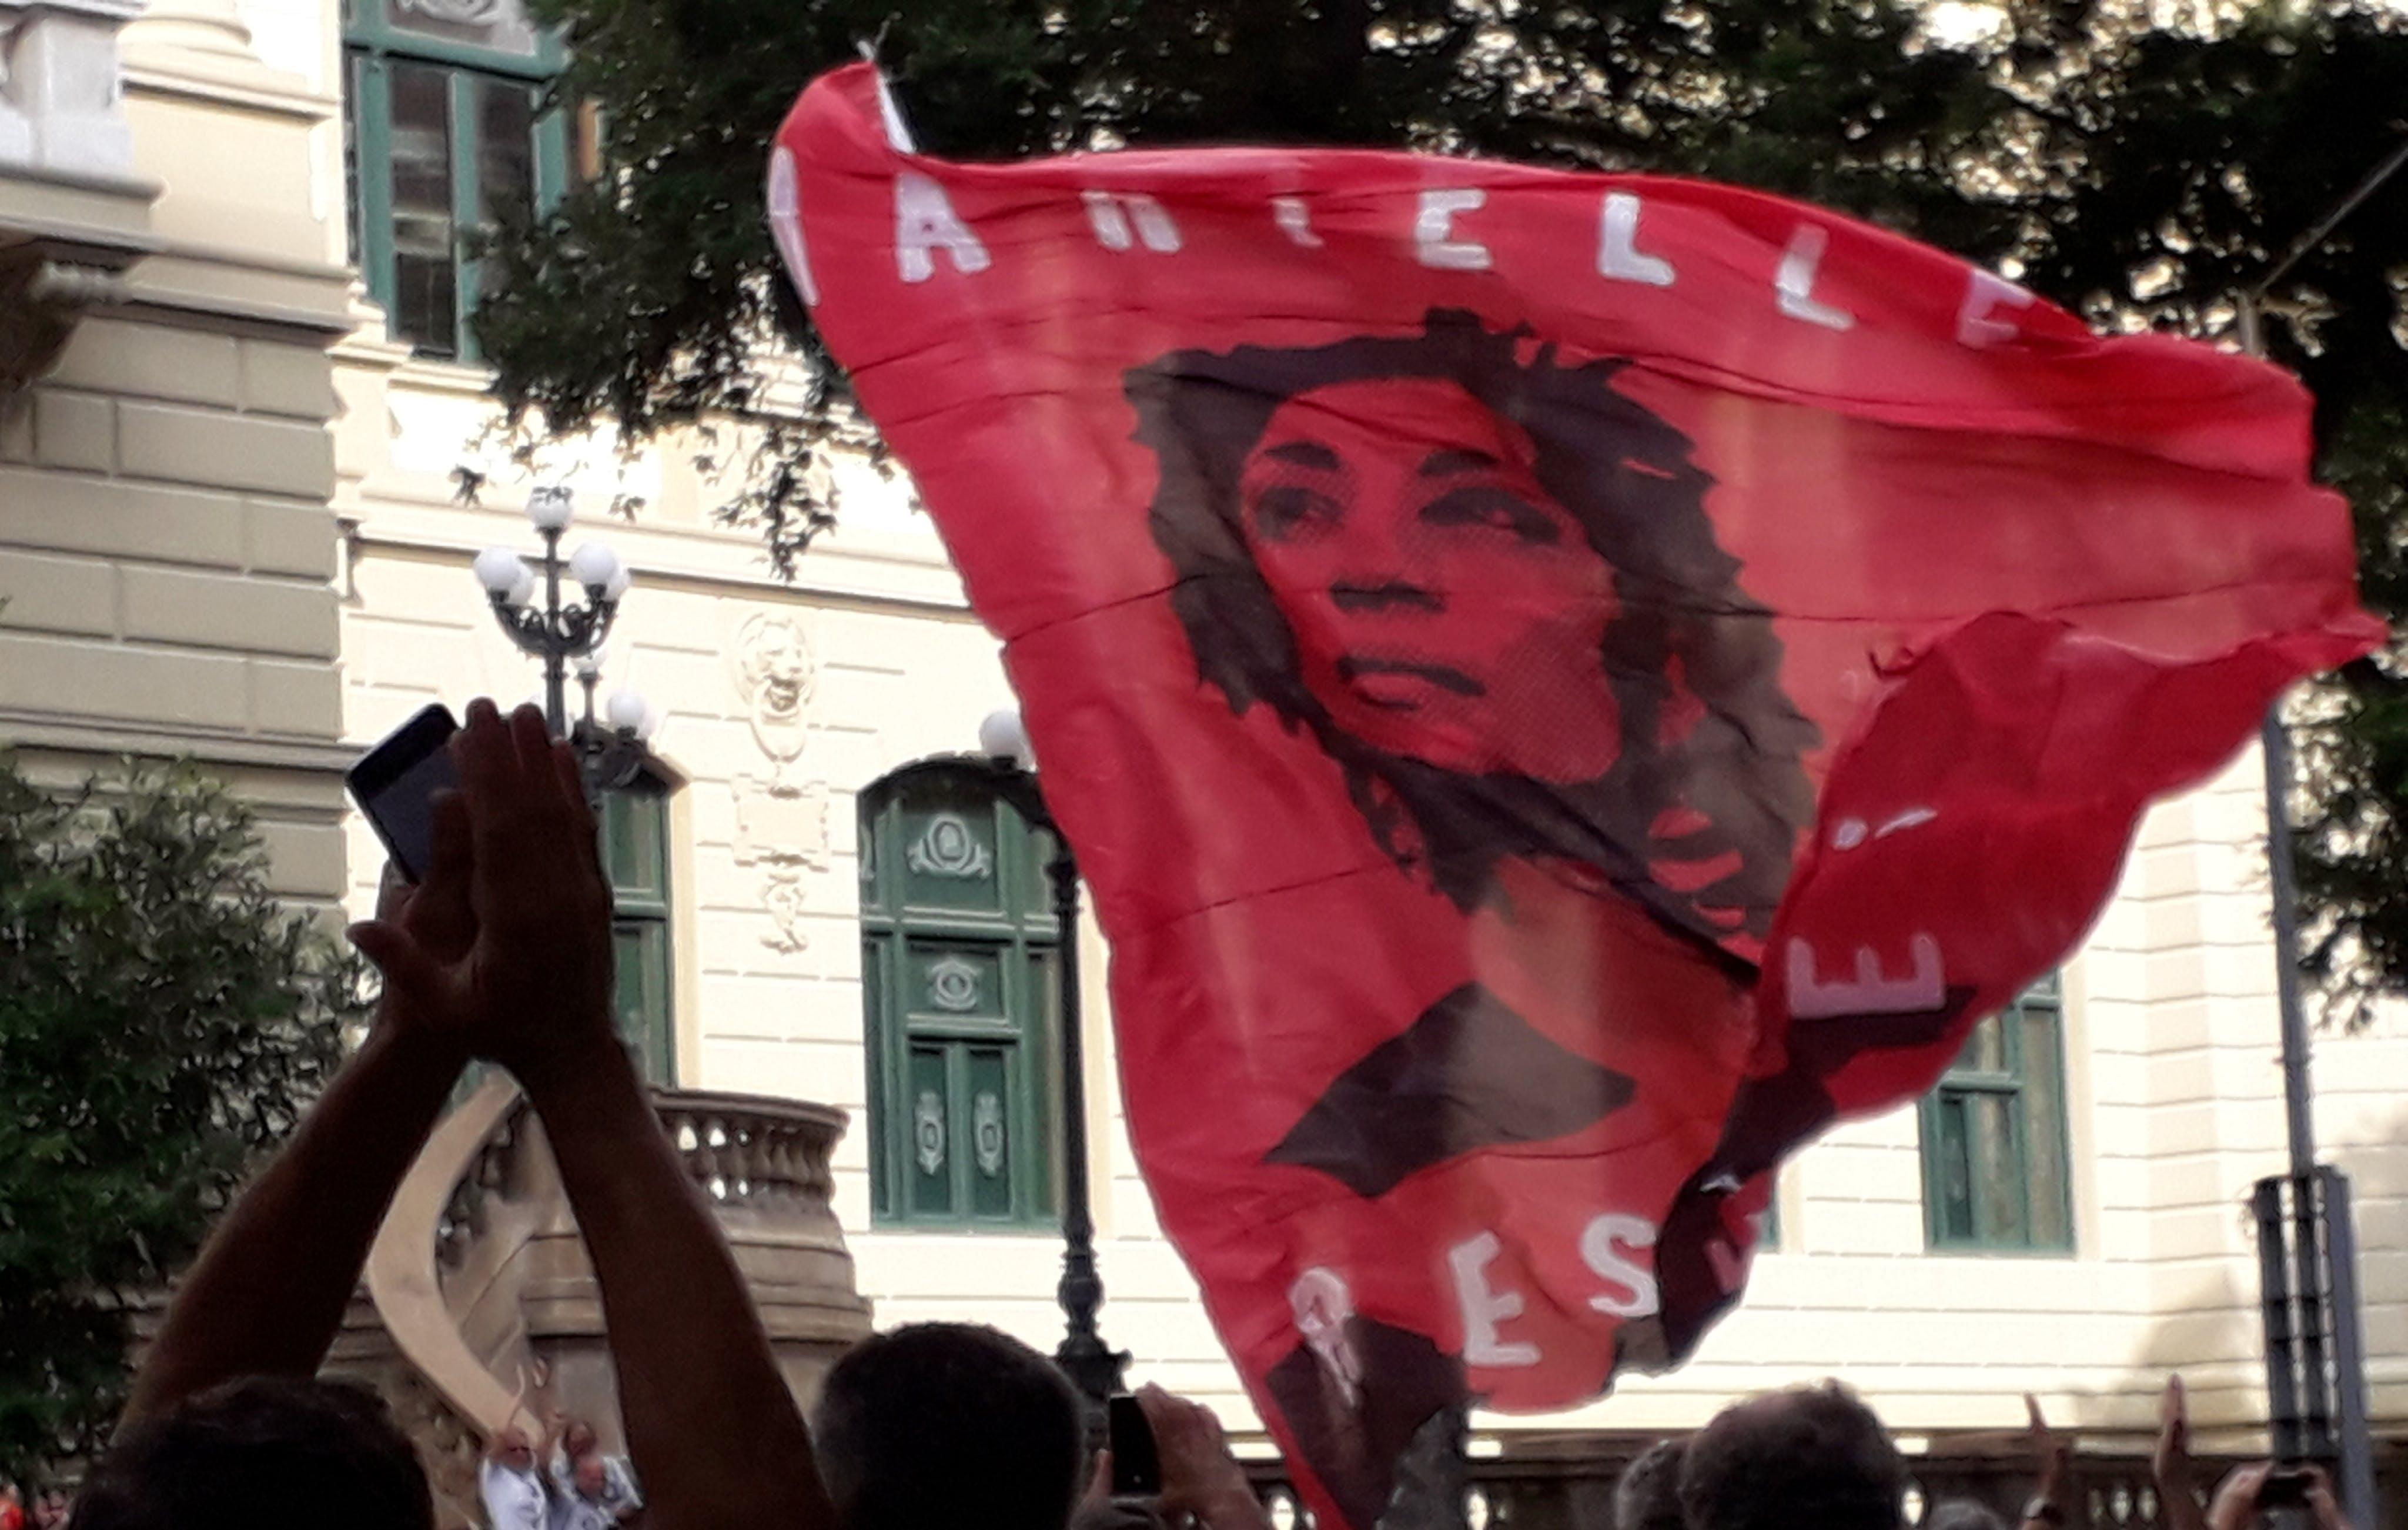 Bandeira em protesto contra Bolsonaro no Rio de Janeiro destaca Marielle, vereadora da cidade morta a tiros em março deste ano.